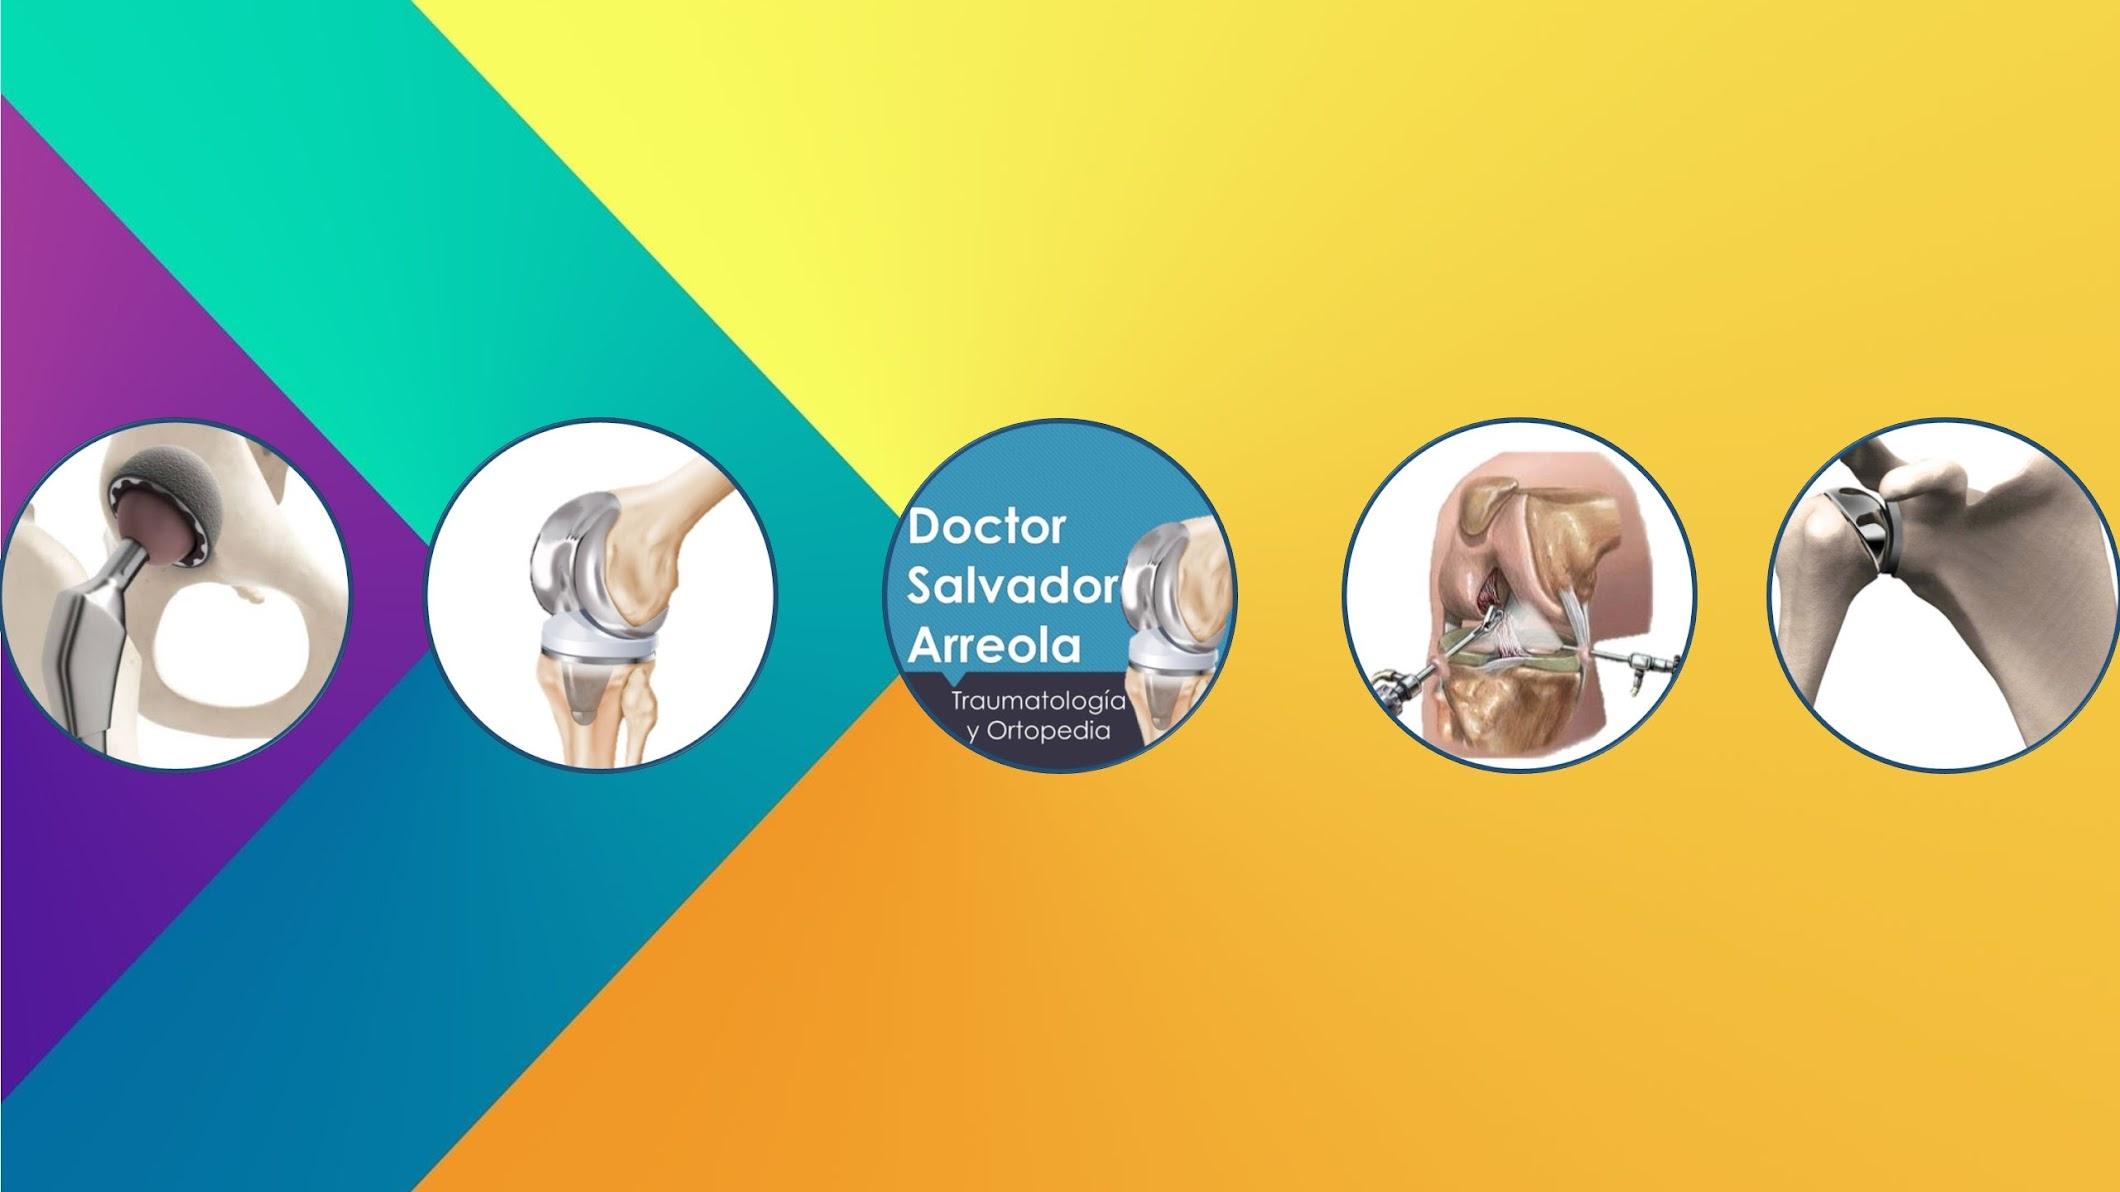 Dr. Salvador Arreola Traumatólogo y Ortopedista Sur